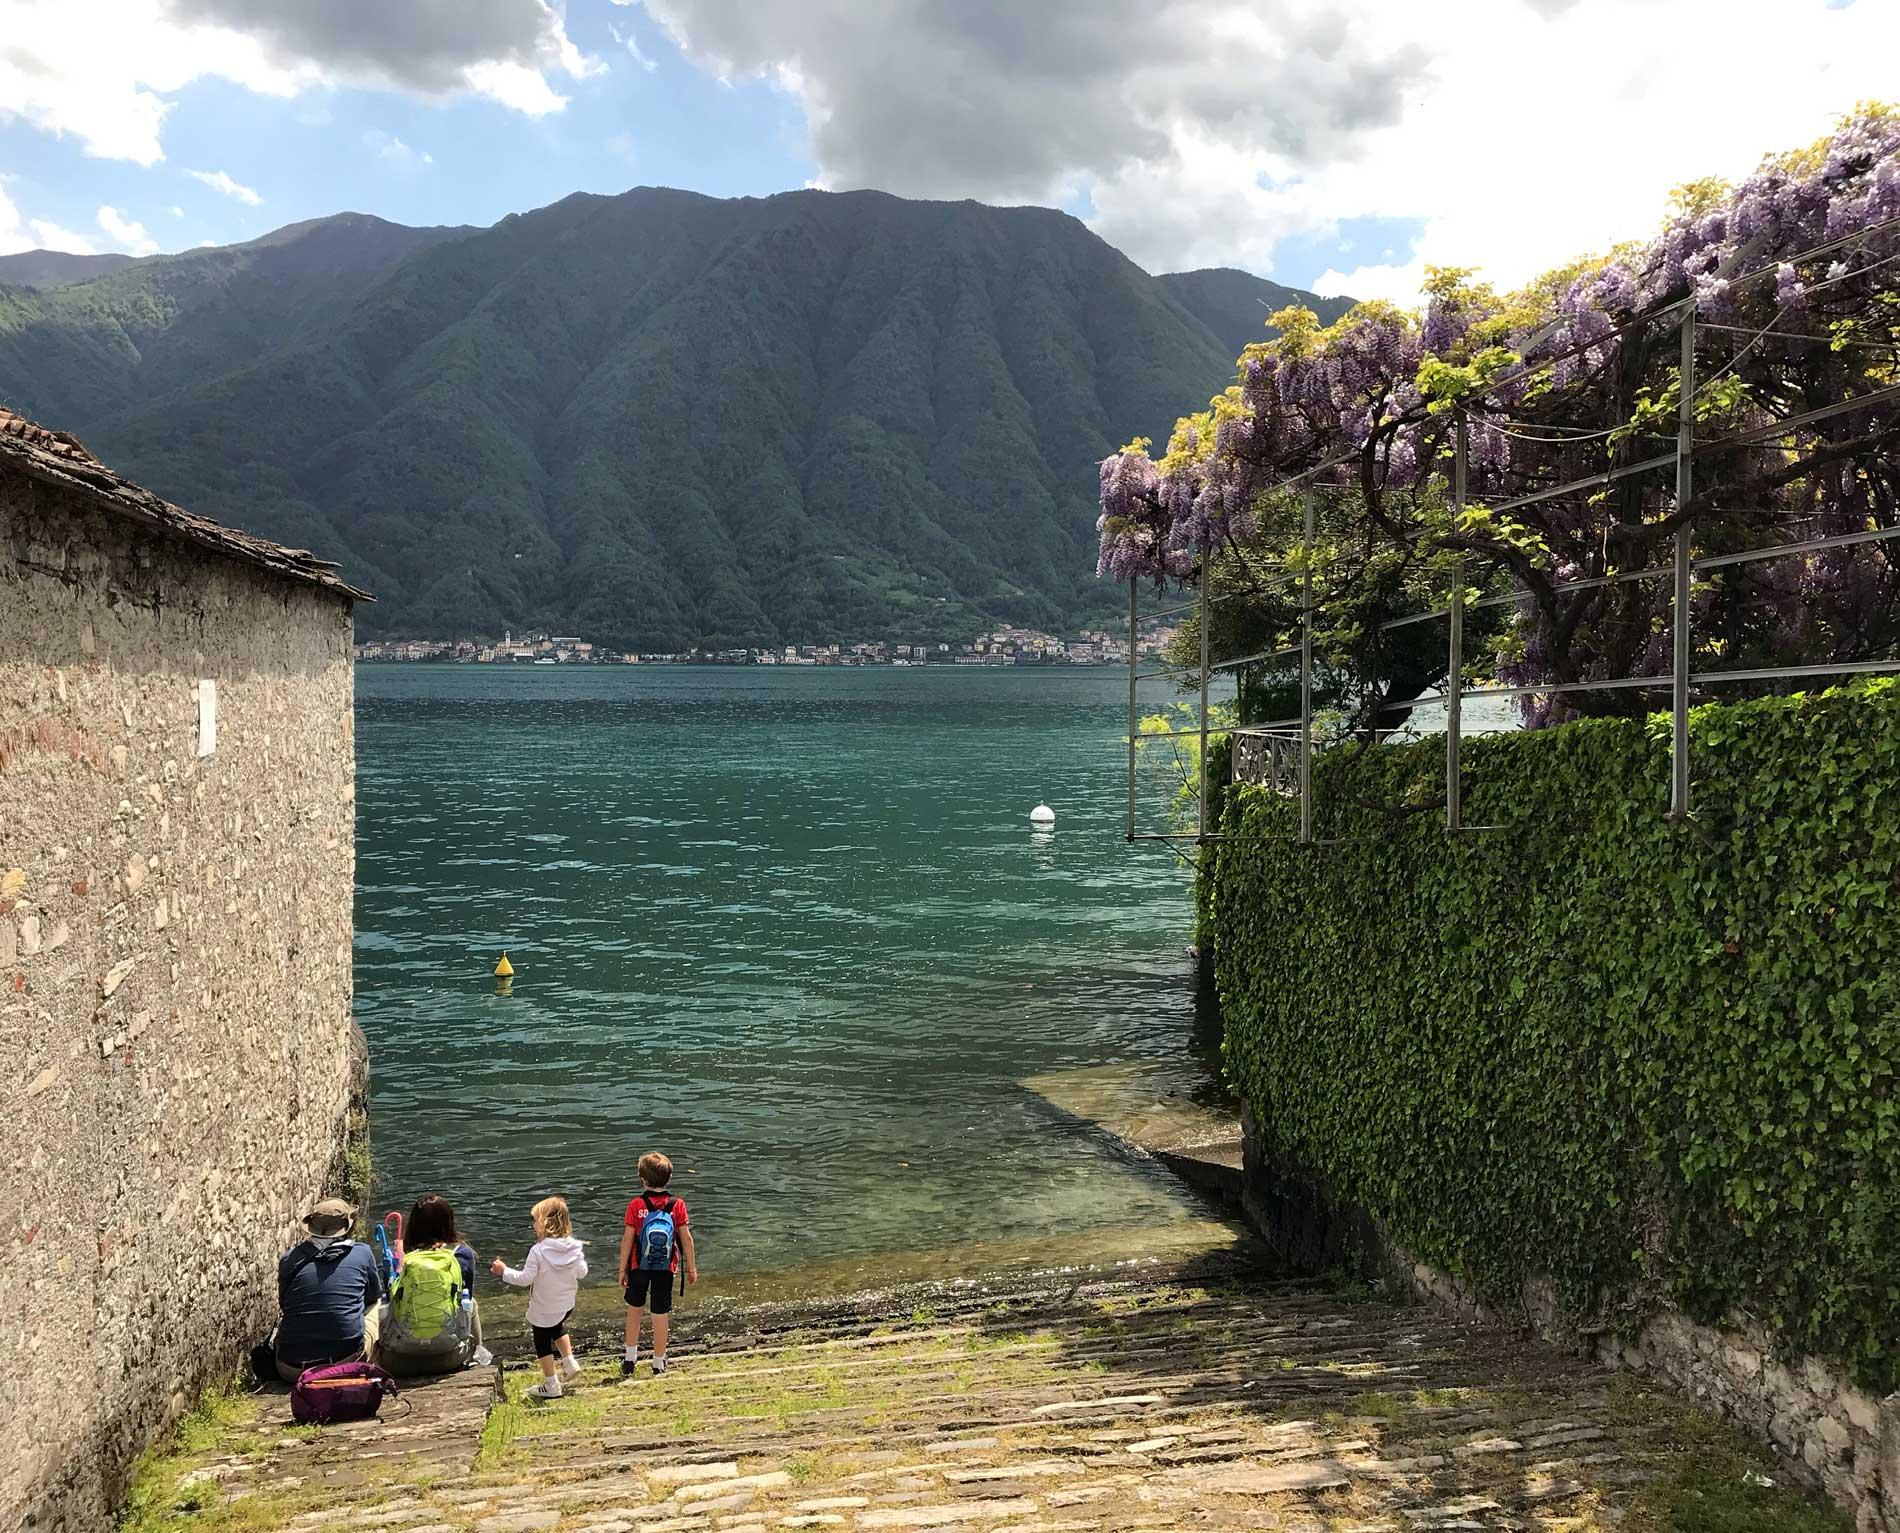 Campo-Lenno-Lago-di-Como-attracco-villa-monastero